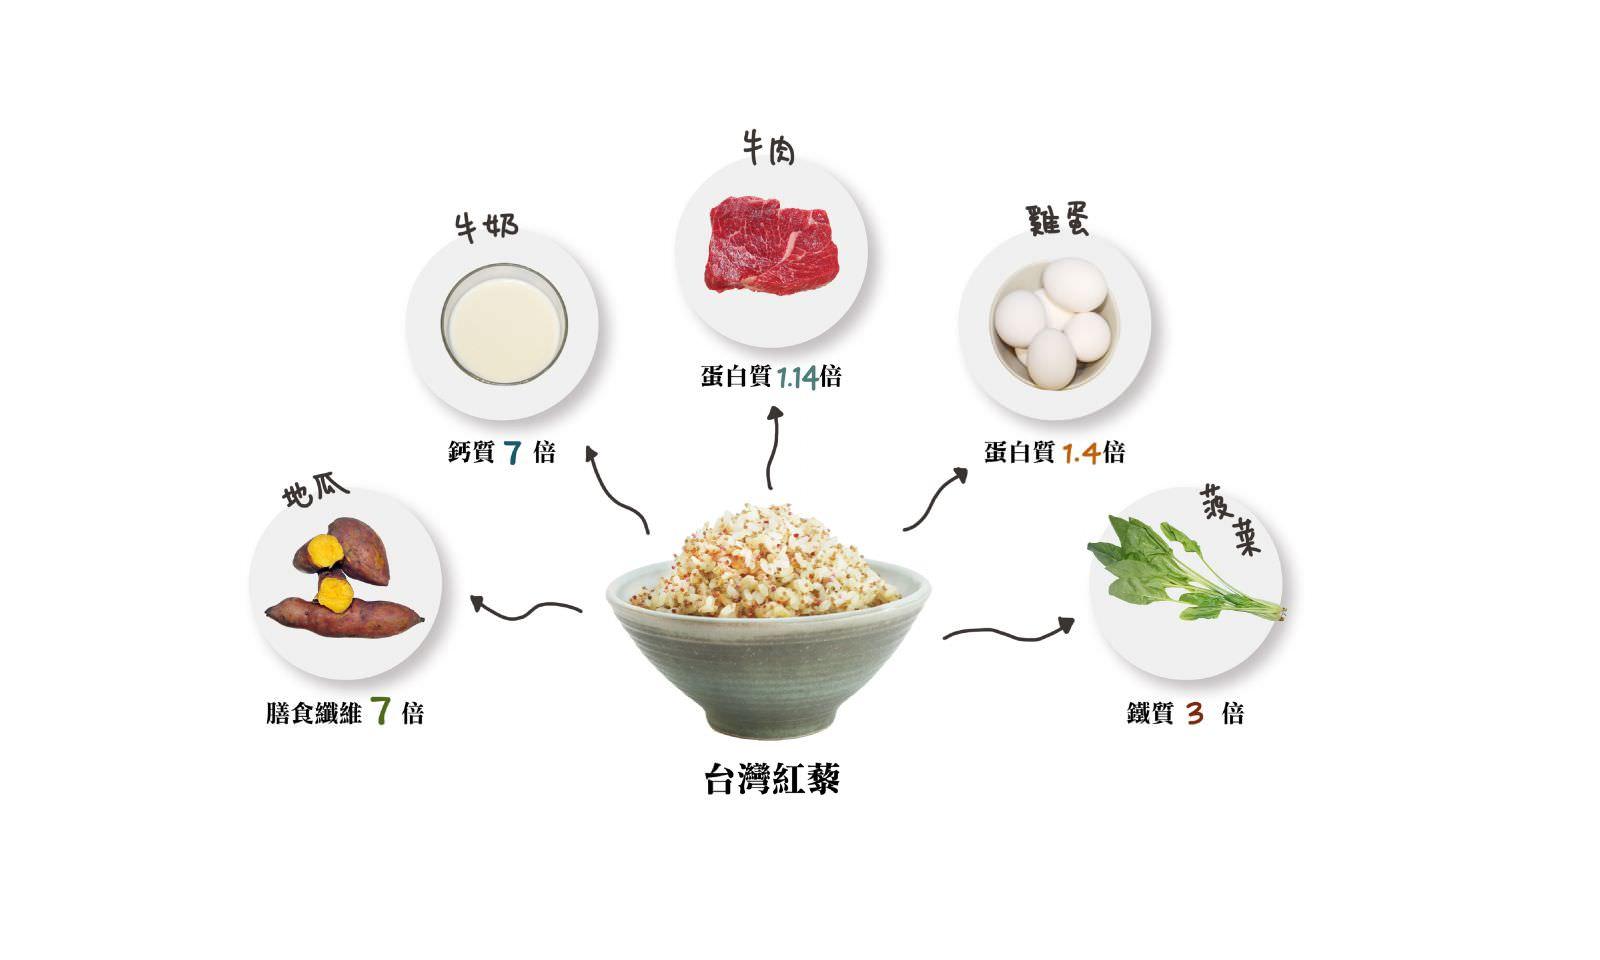 食物比較-01 (1)